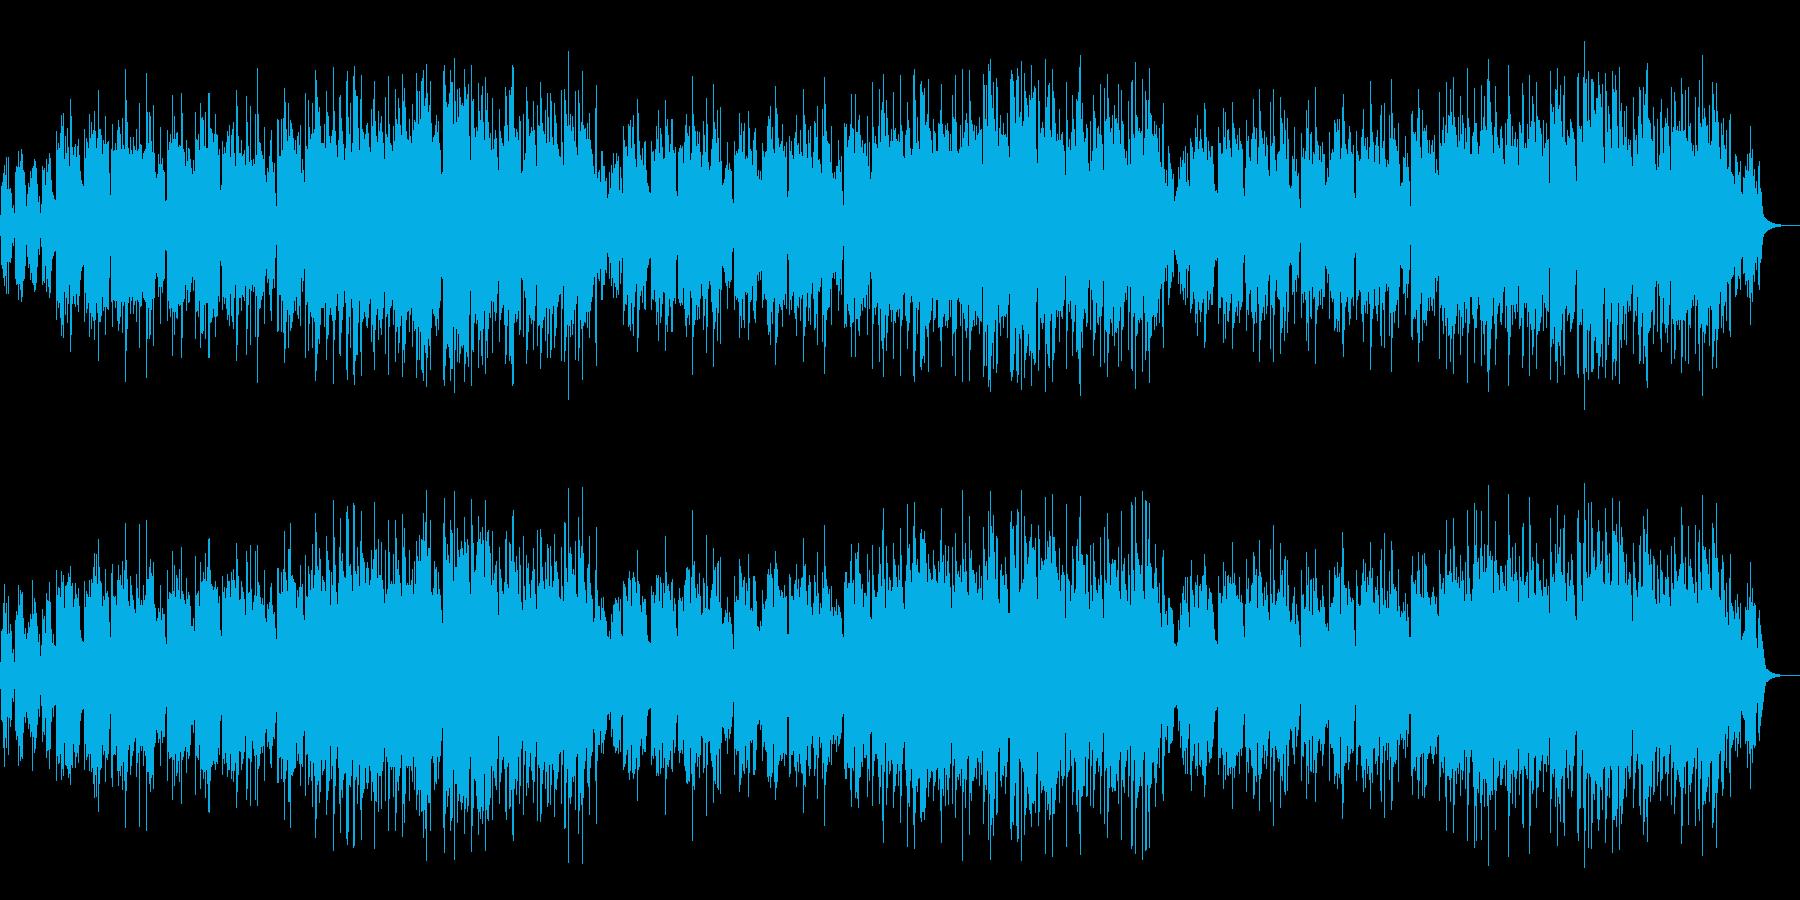 リコーダーとピアノによる温かいバラードの再生済みの波形